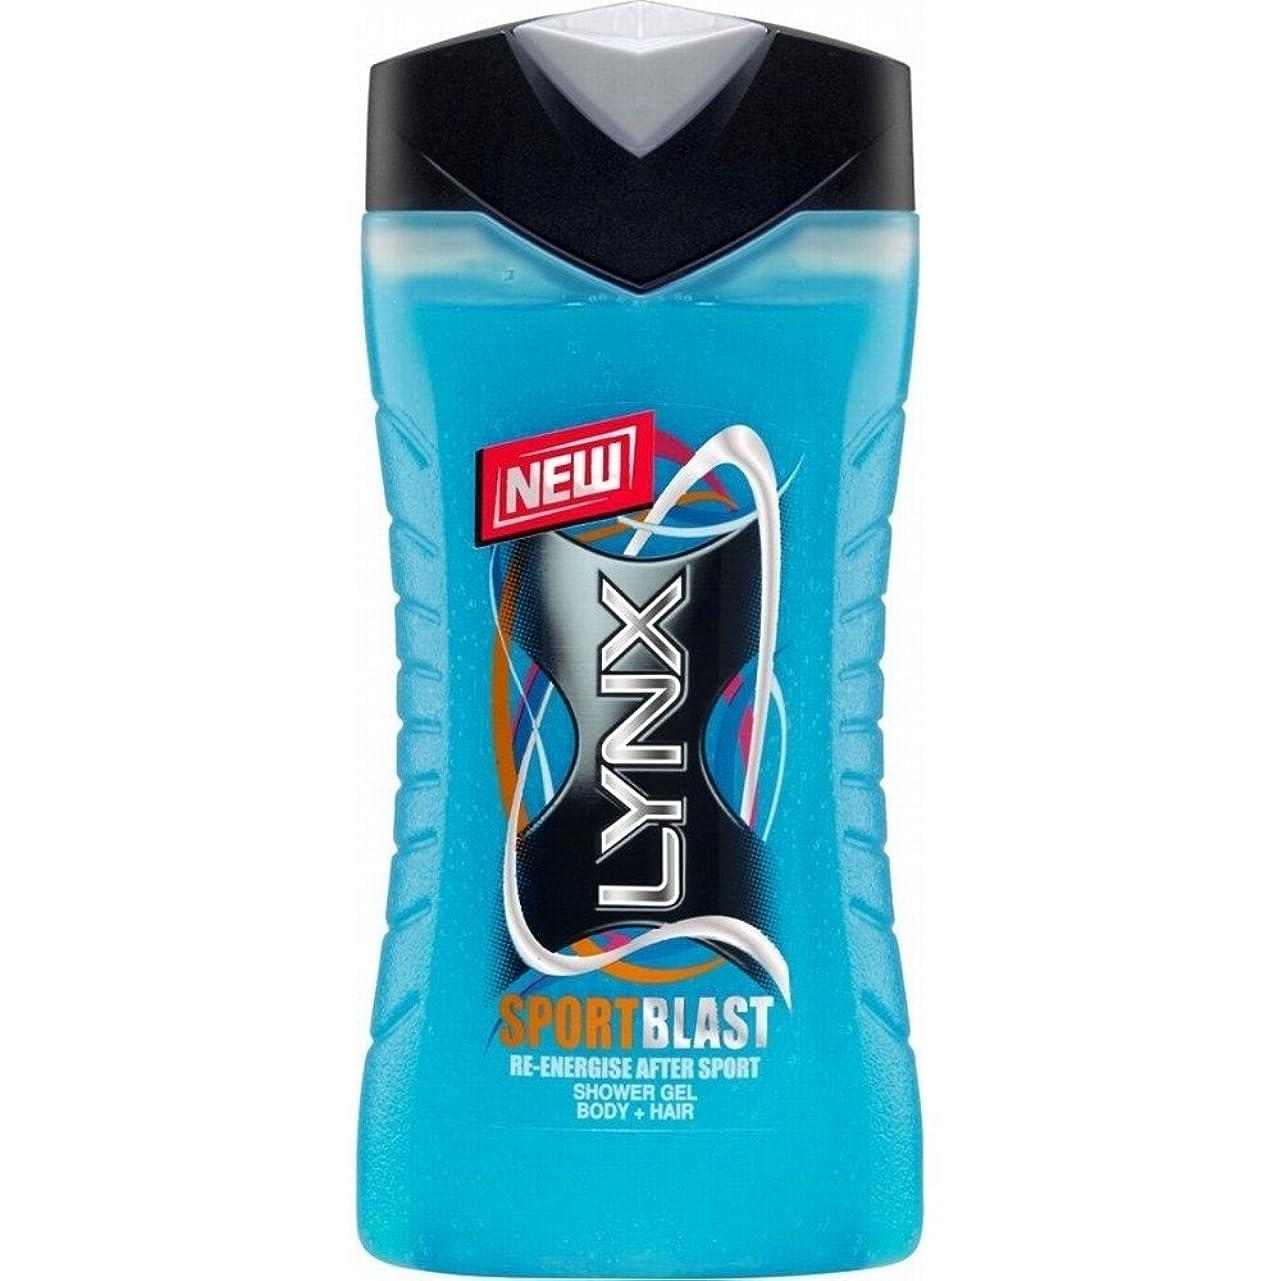 より良い局嫌がるLynx Body & Hair Shower Gel - Sport Blast (250ml) オオヤマネコボディ、ヘアシャワージェル - スポーツブラスト( 250ミリリットル) [並行輸入品]